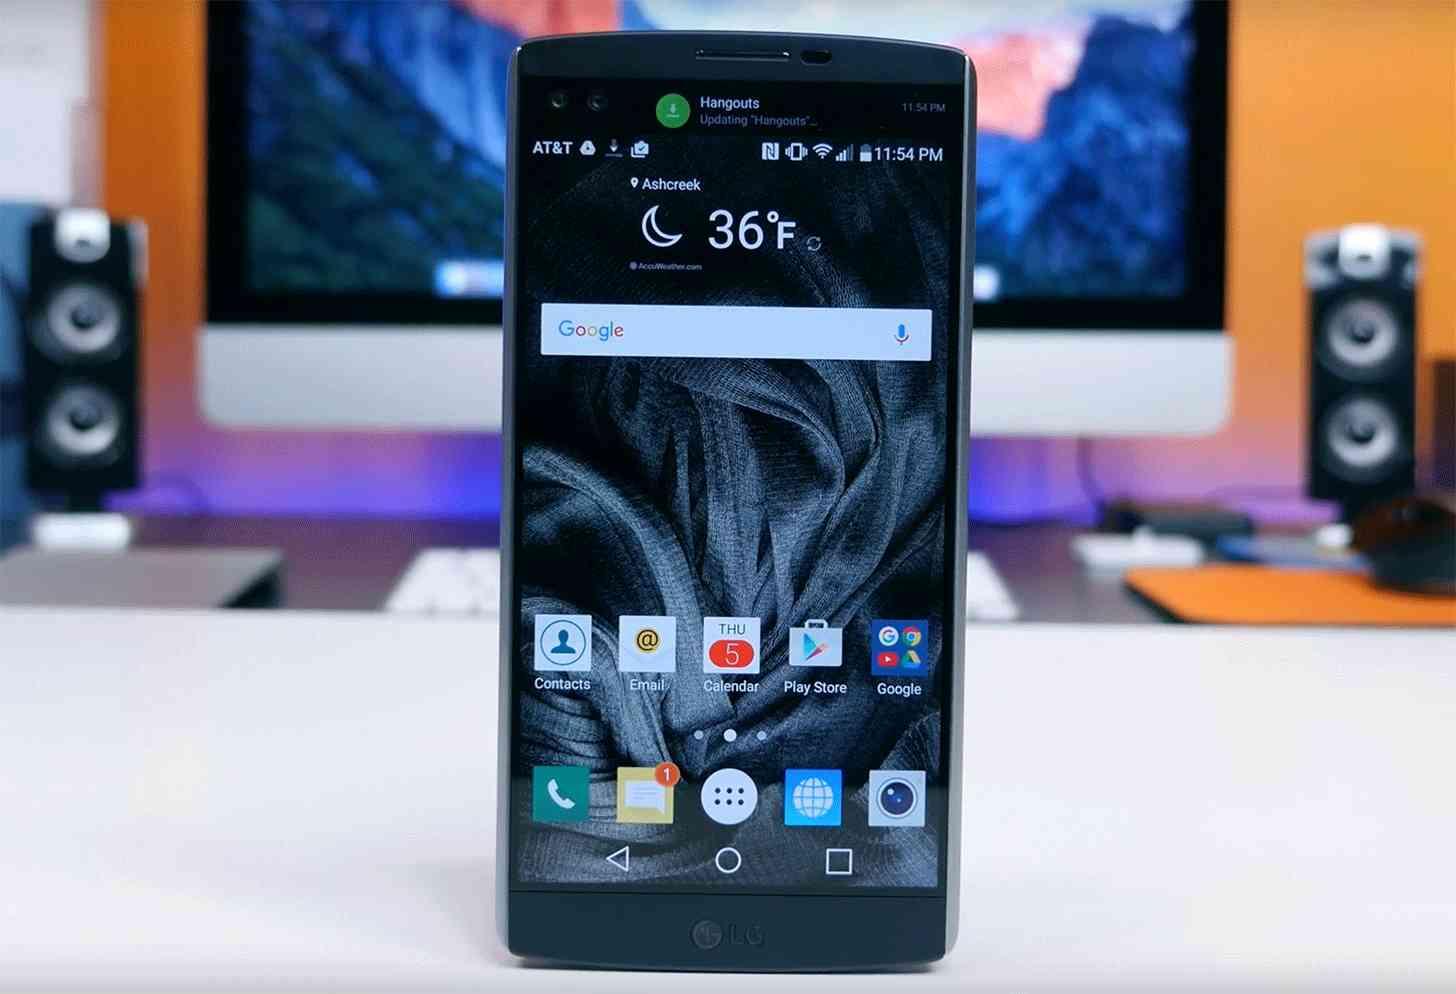 AT&T LG V10 review